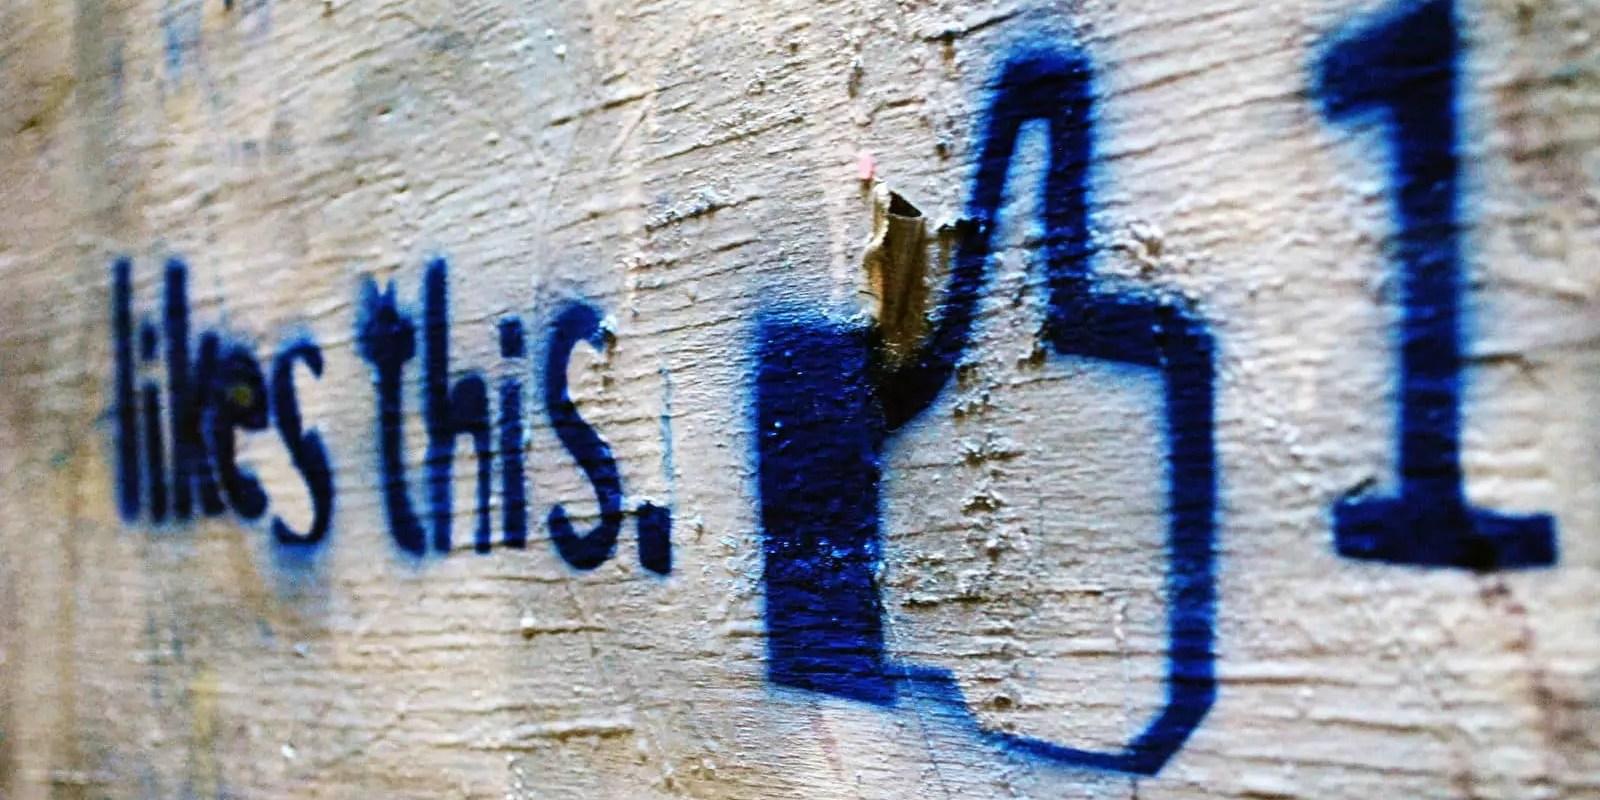 Comment continuer à voir les articles de Rue89 Strasbourg sur Facebook